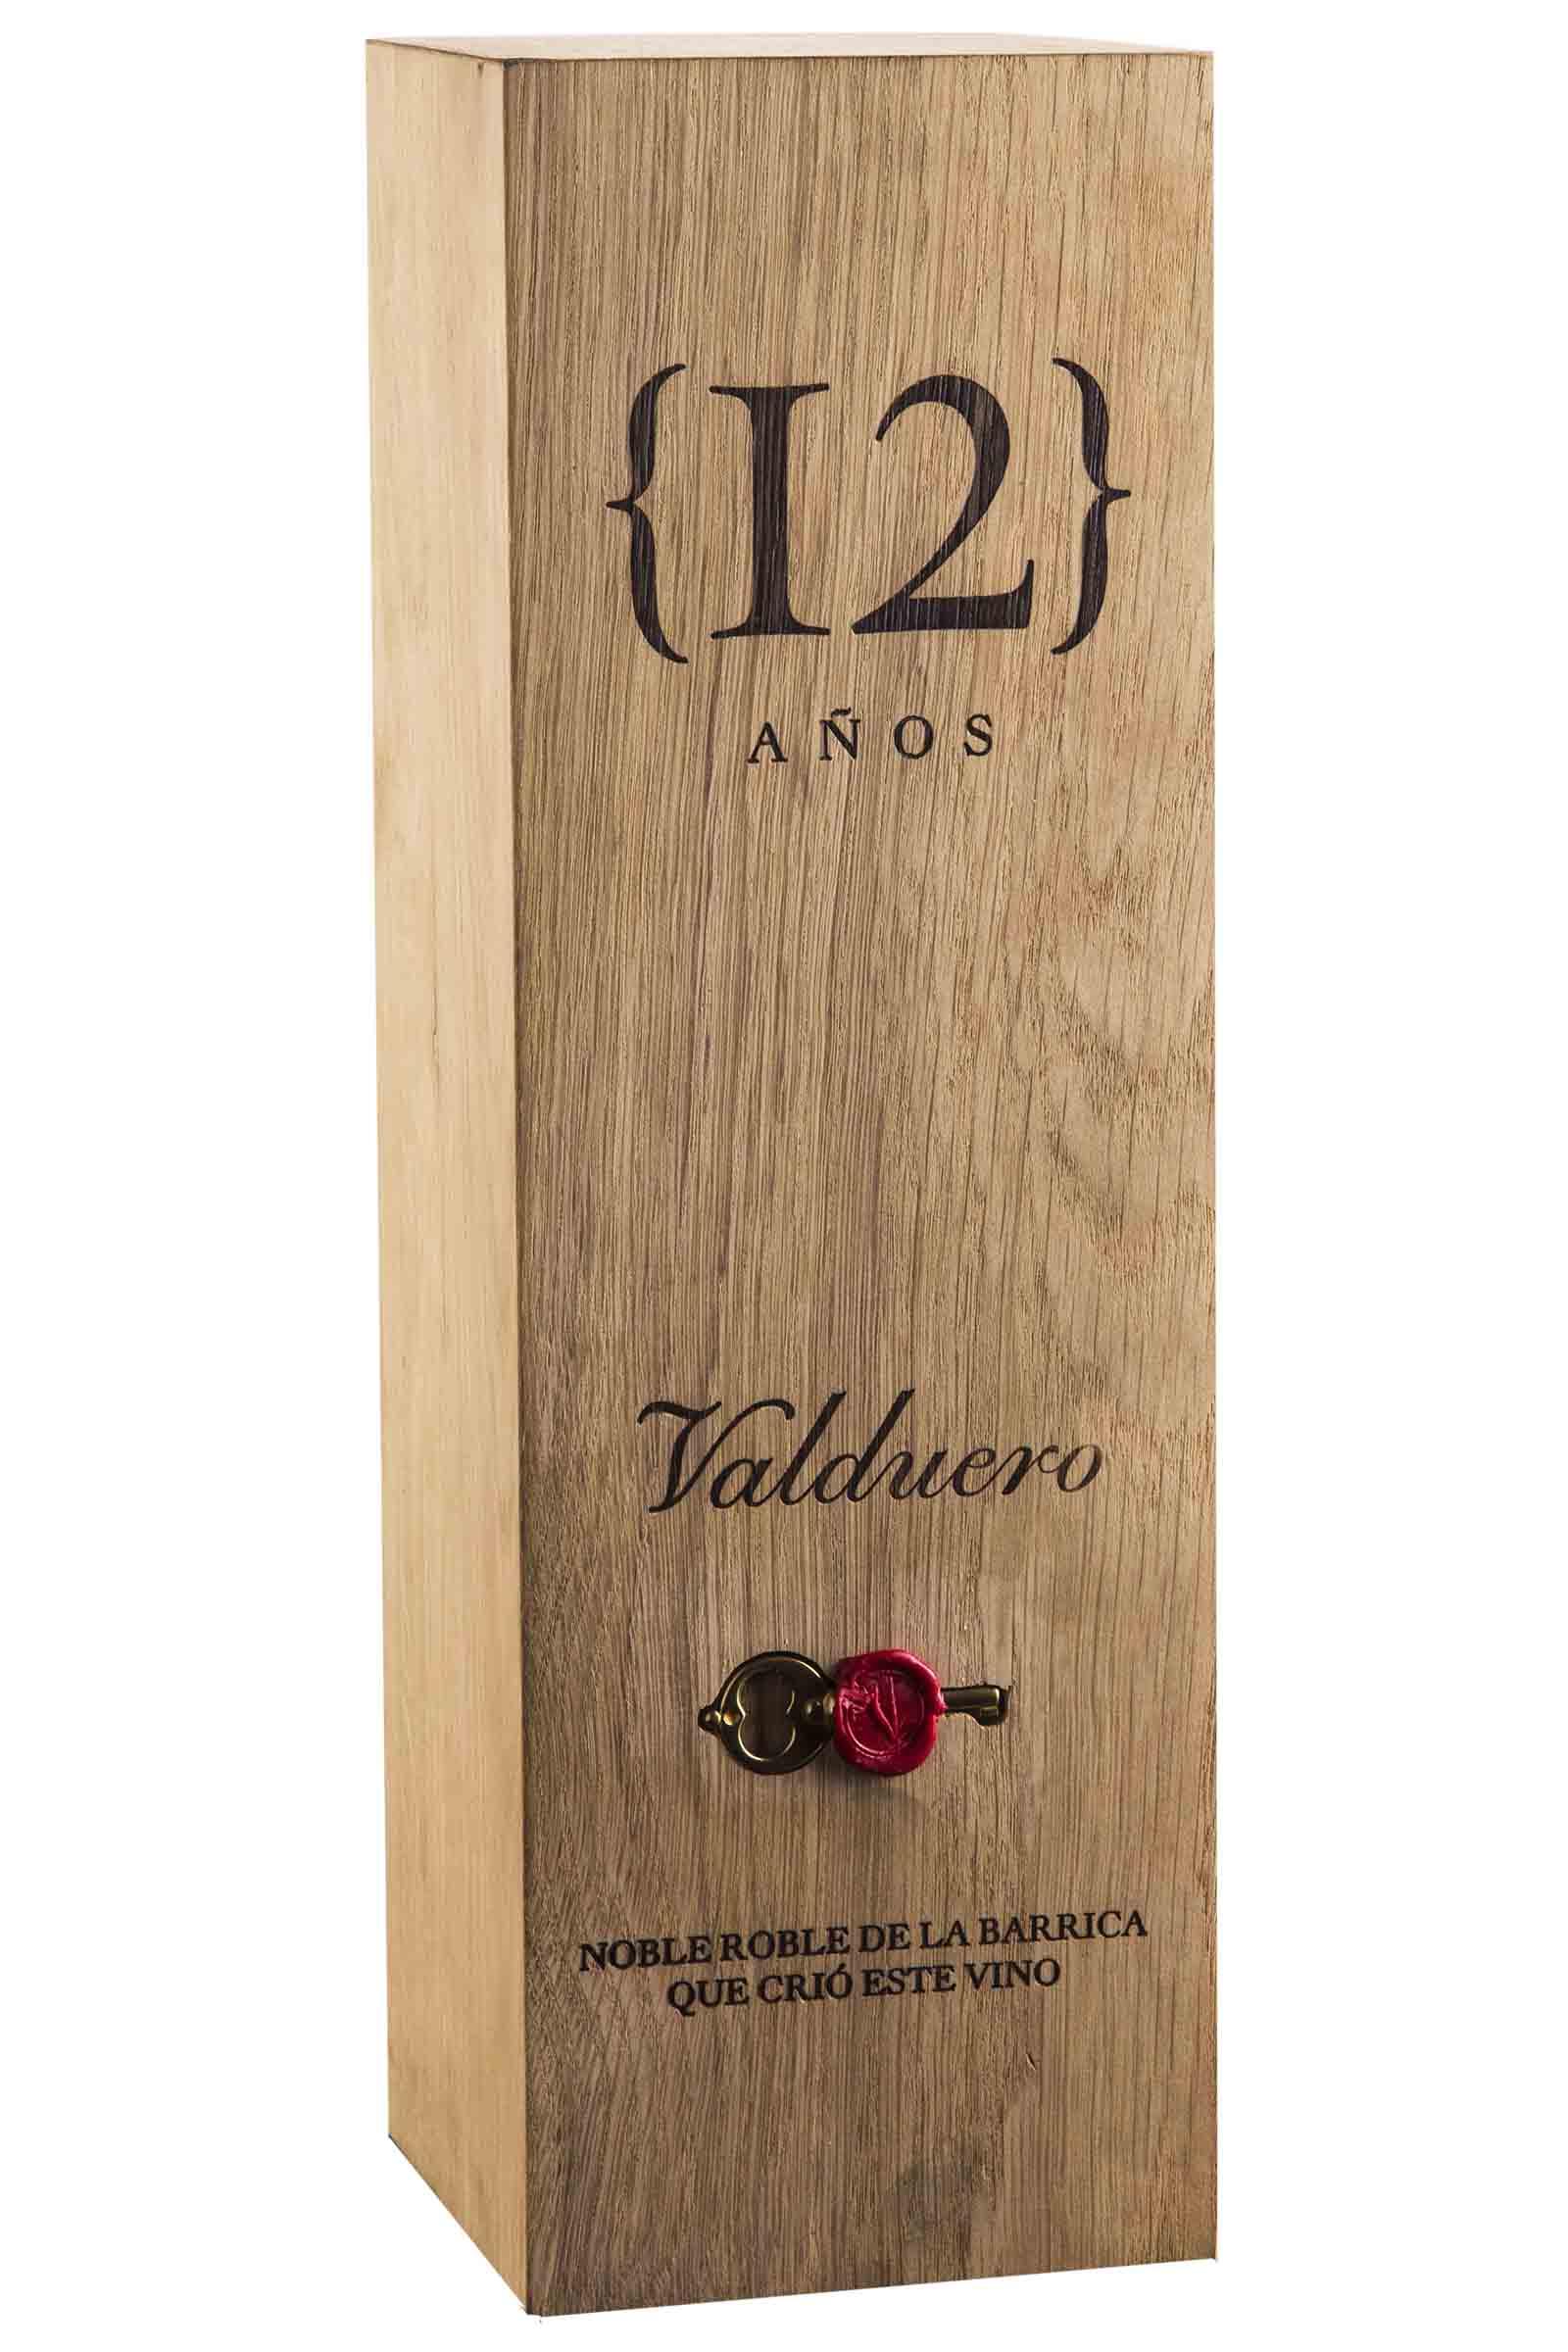 Vino Valduero Gran Reserva Premium 12 Años 750ml